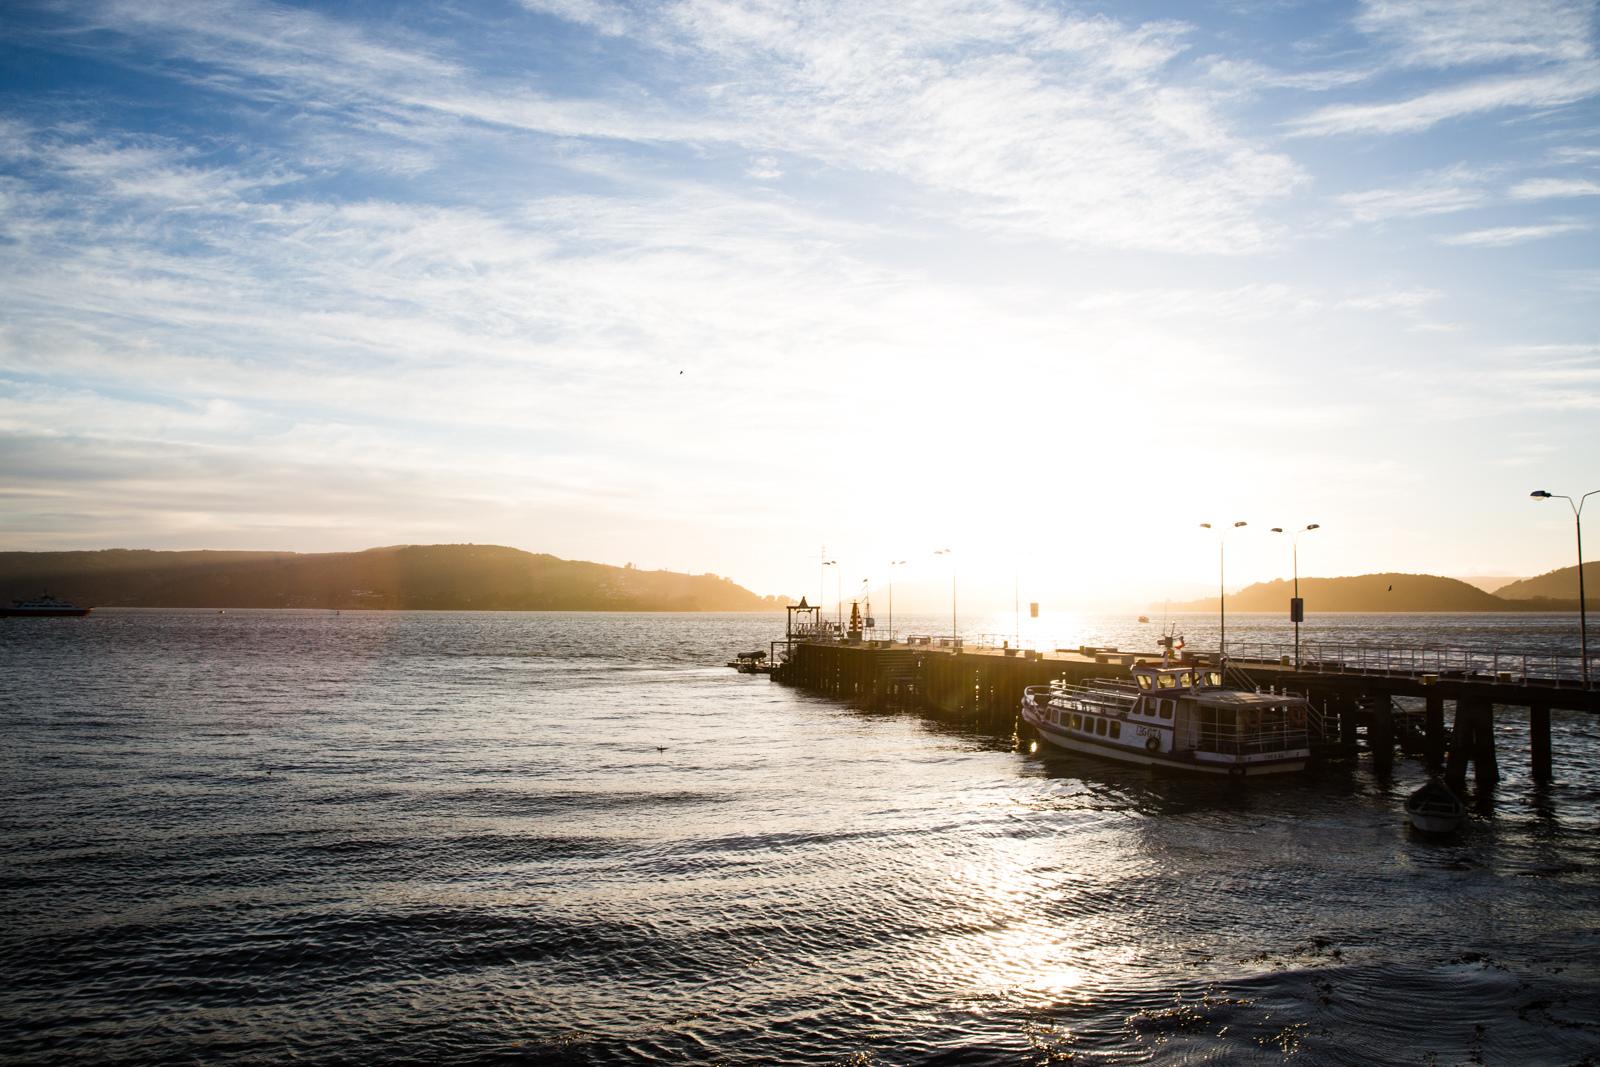 Welcometo Corral Valdivia. Chile. Photo by Matt Wragg.